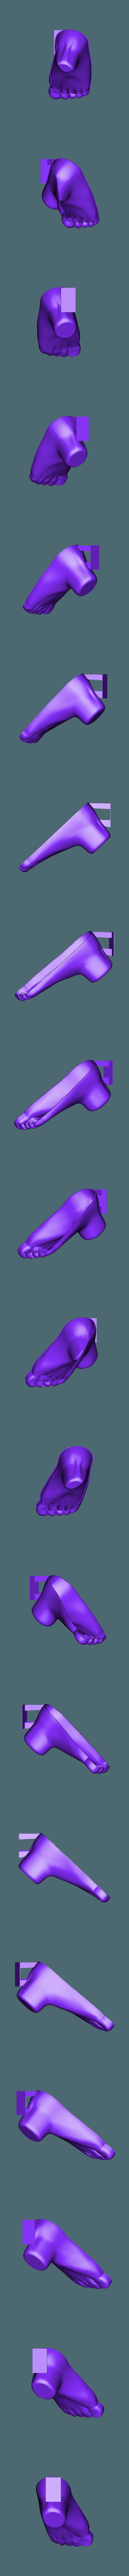 sand_footright.stl Télécharger fichier STL gratuit podomètre en sable • Objet à imprimer en 3D, kimjh